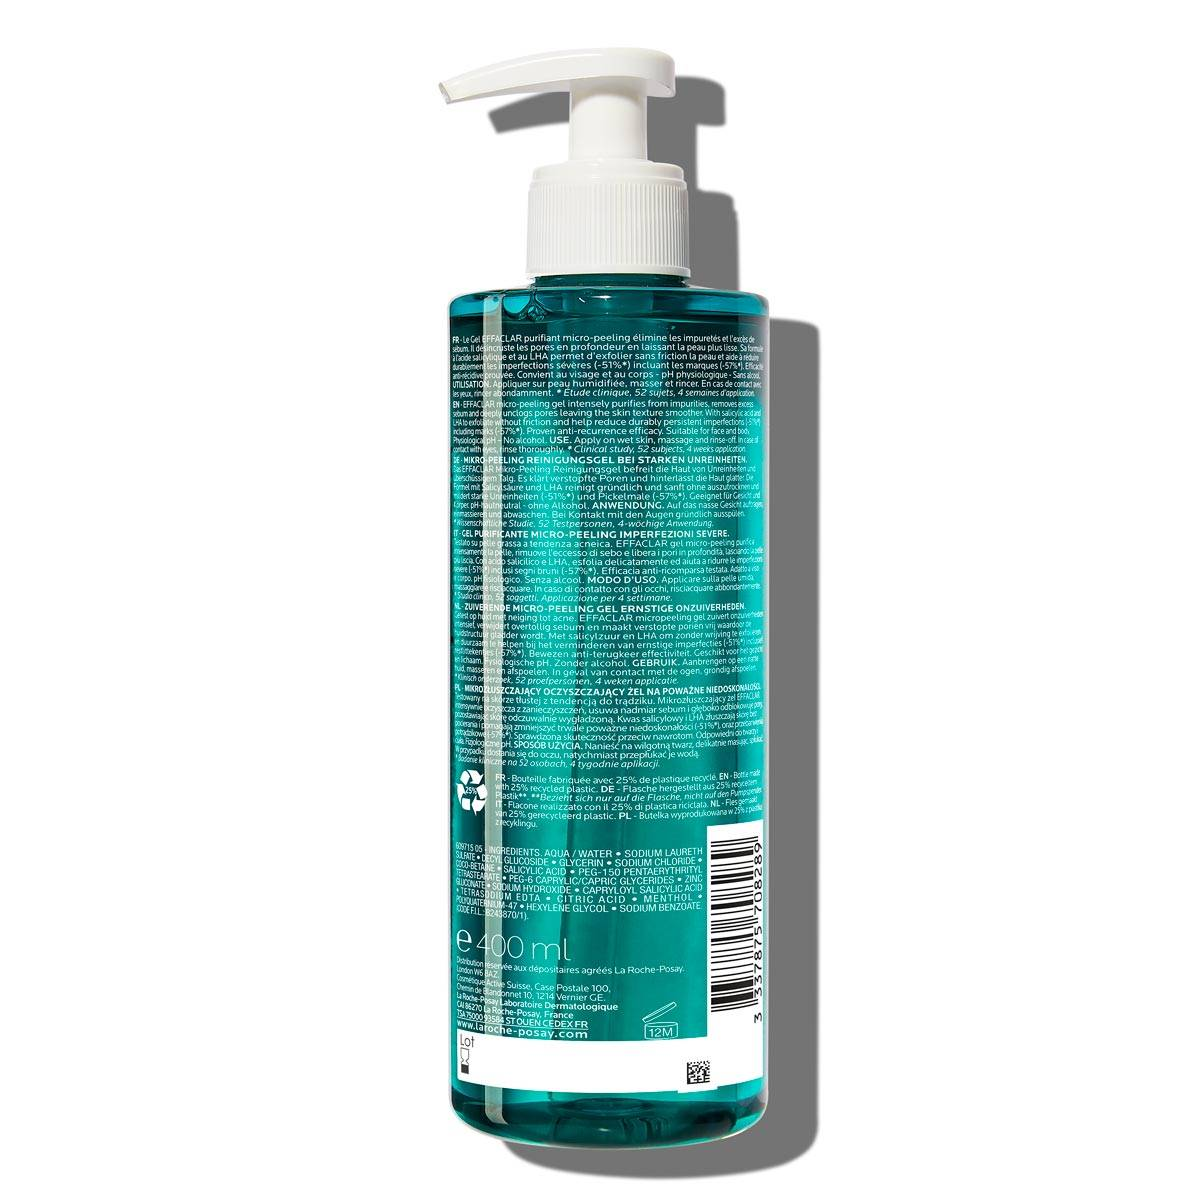 Effaclar Micro Peeling Rensende Gel 400ml 2% salicylsyre Fedtet hud BSS